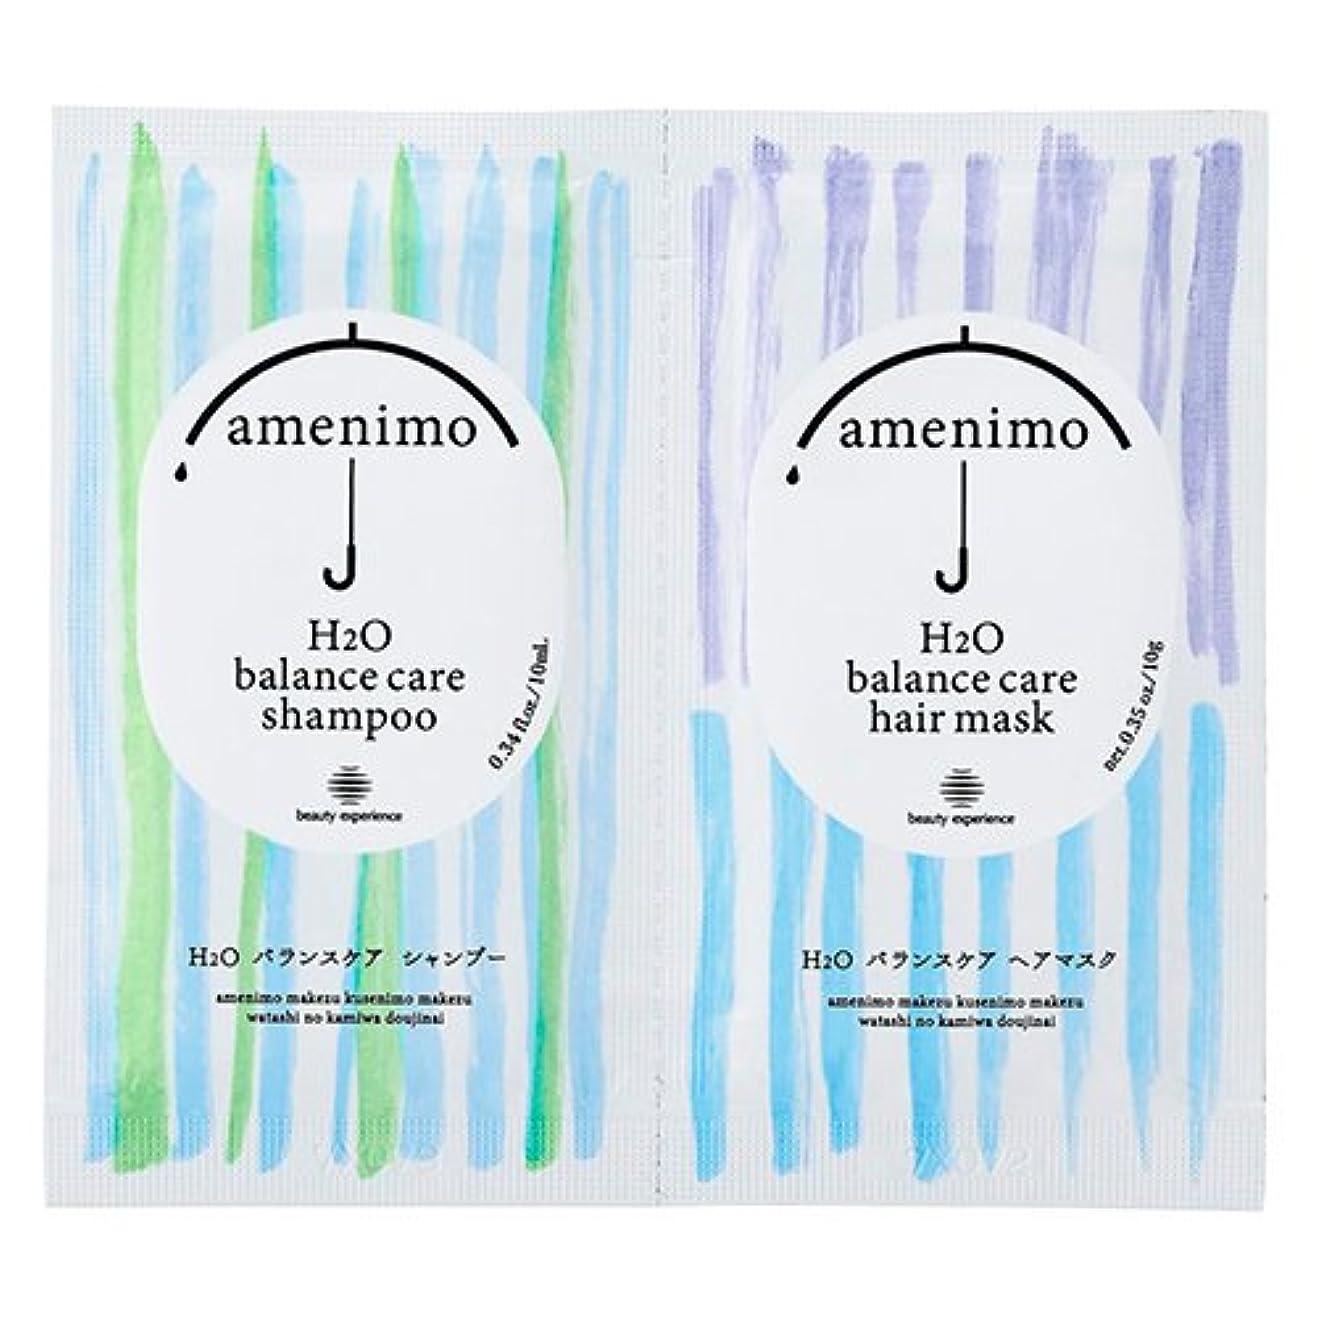 同級生弓慎重amenimo(アメニモ) H2O バランスケア シャンプー&ヘアマスク 1dayお試し 10mL+10g